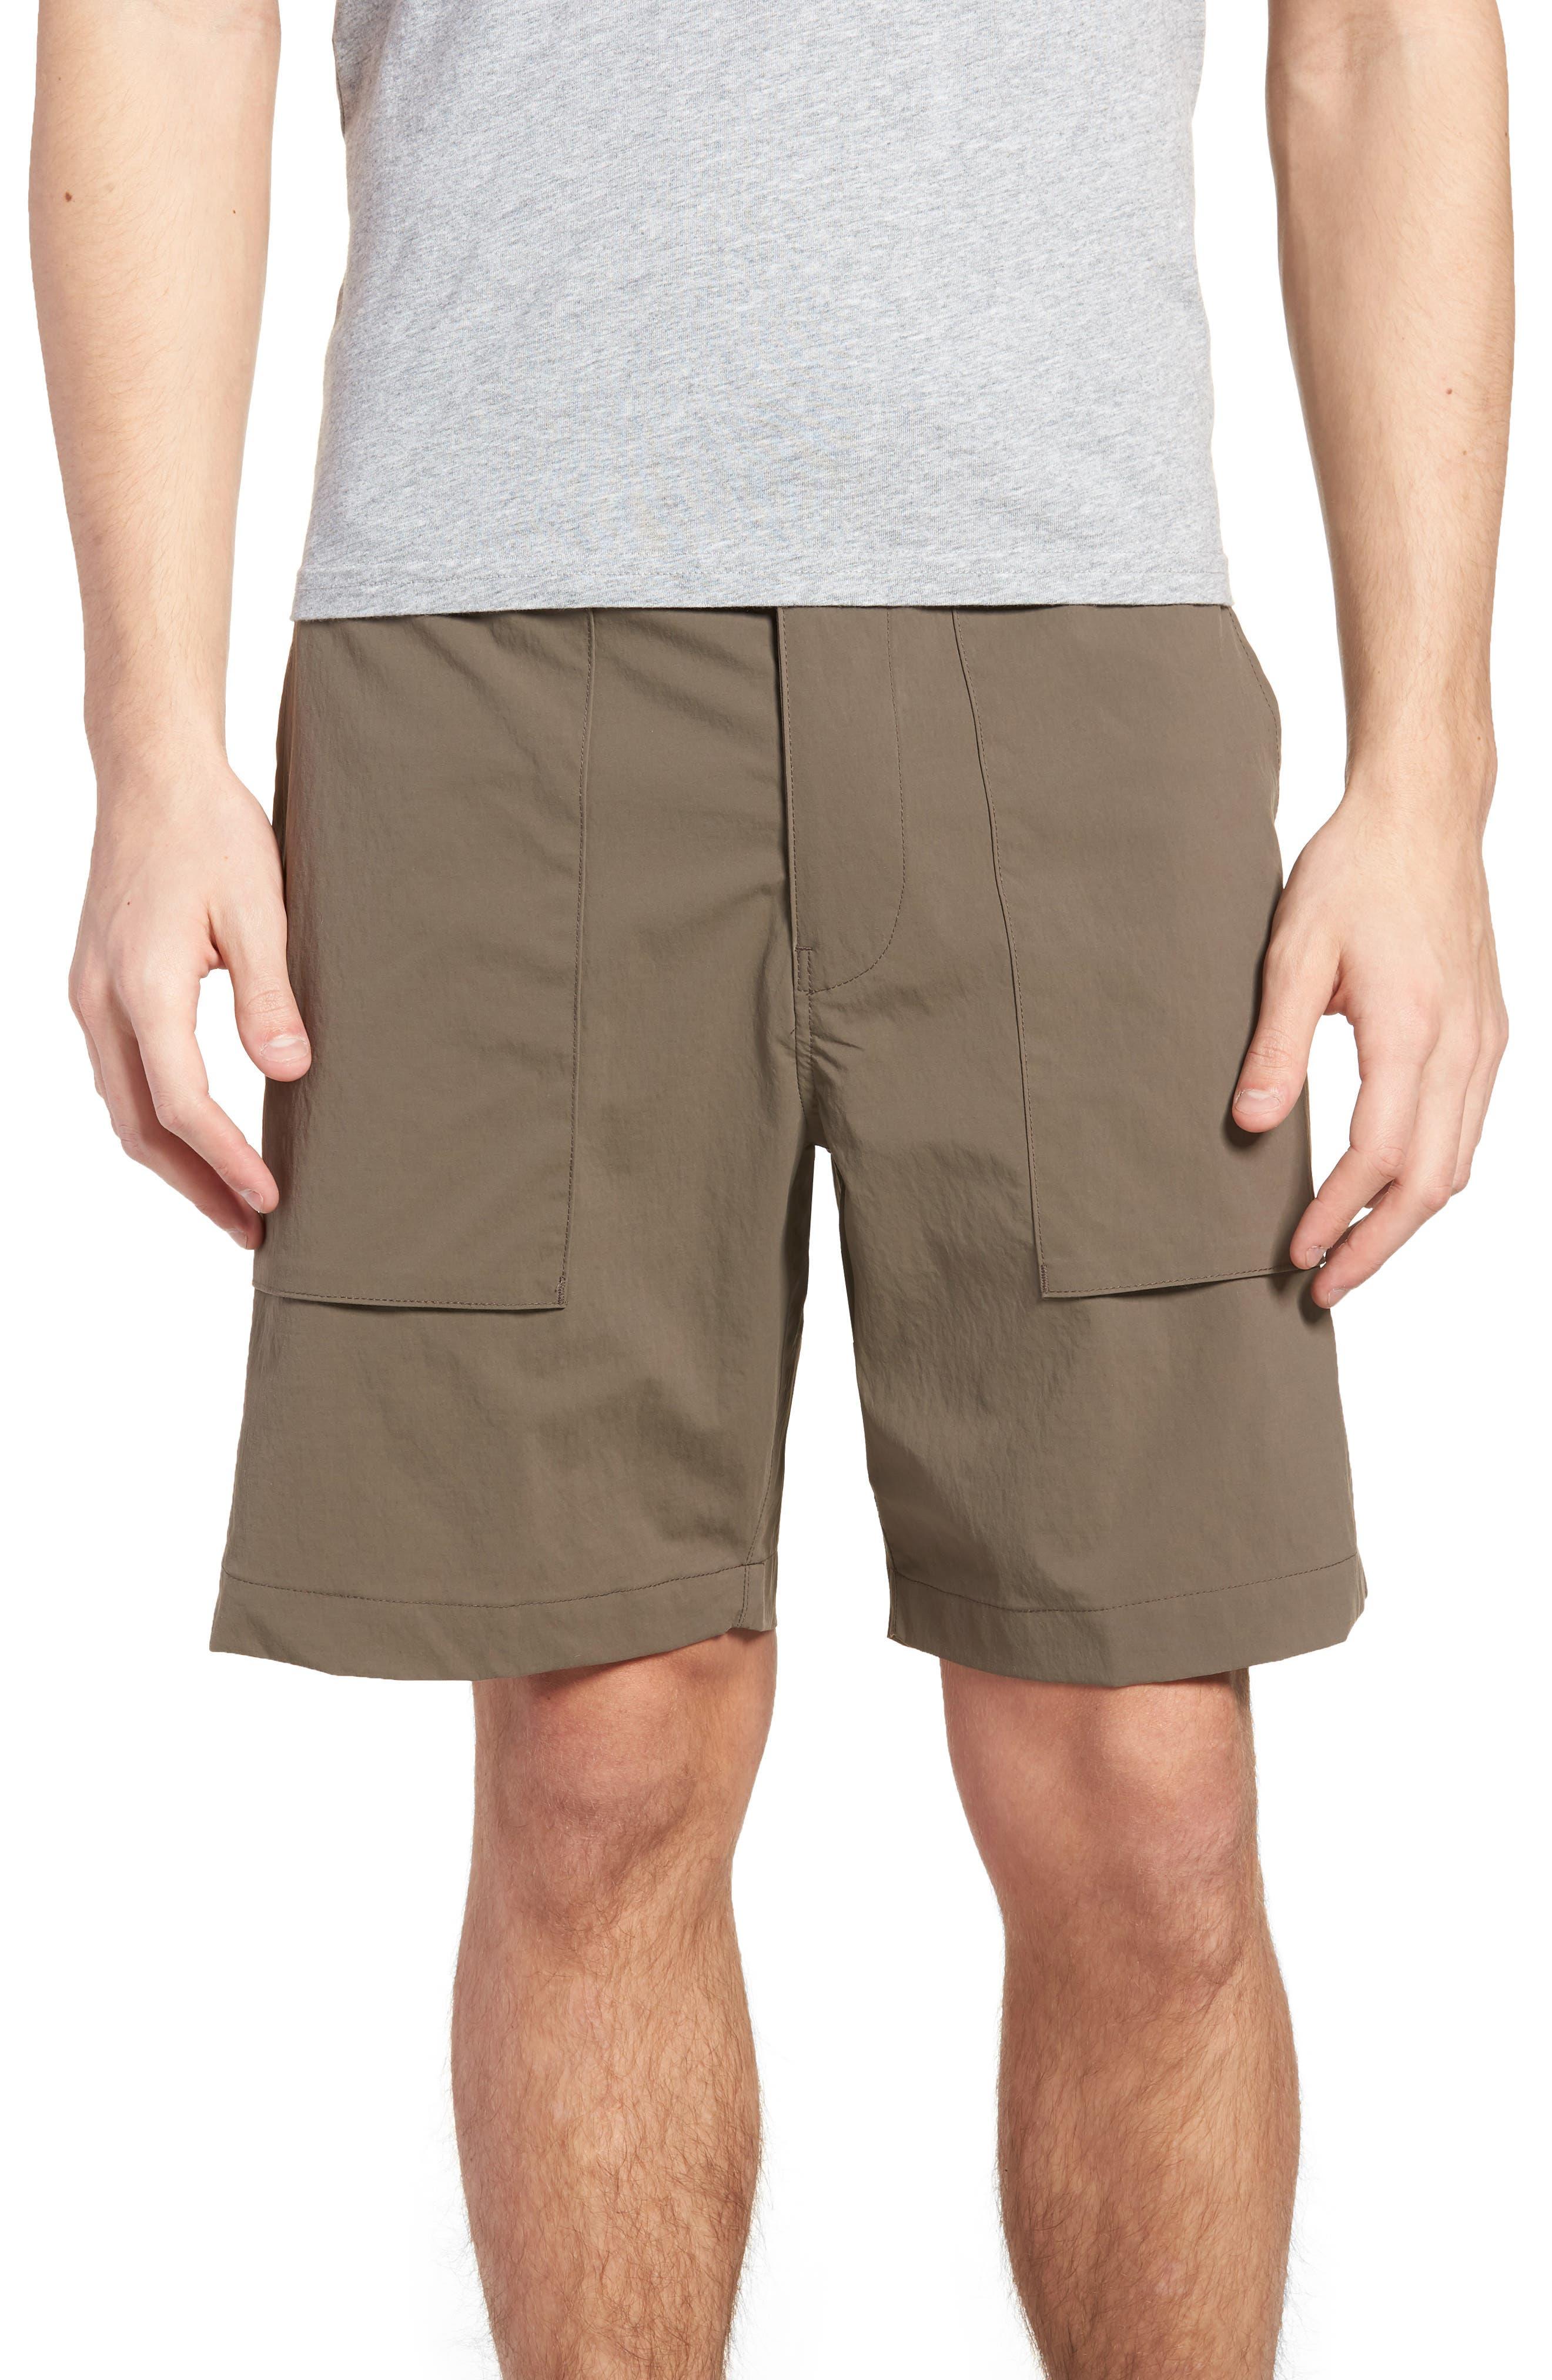 NIKE,                             SB Flex Everett Shorts,                             Main thumbnail 1, color,                             250